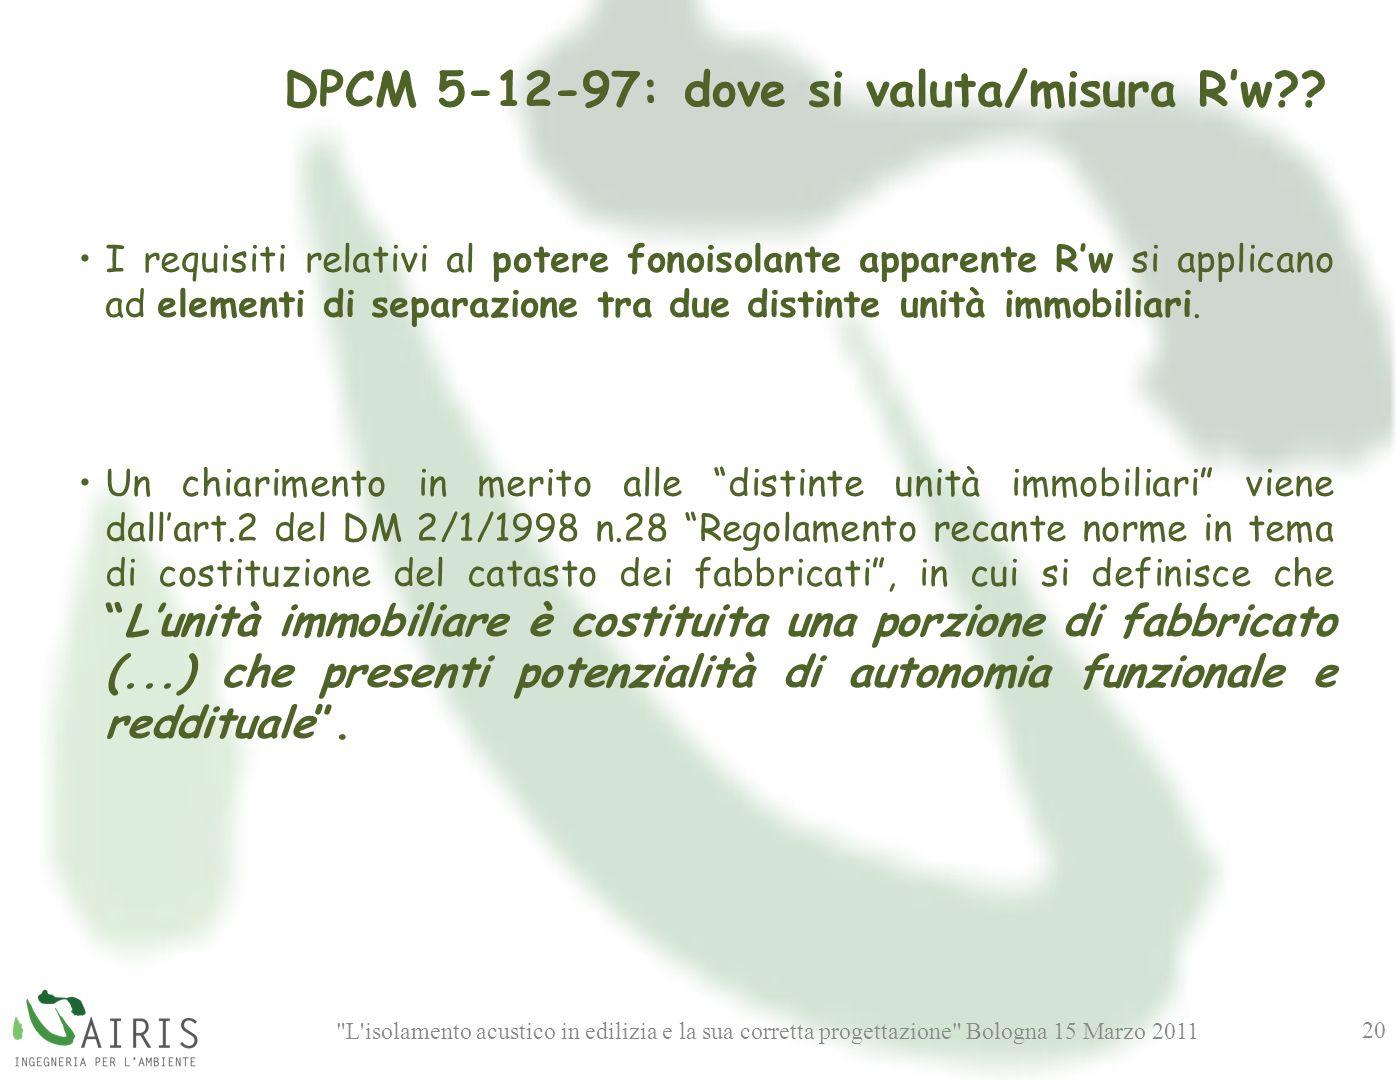 L isolamento acustico in edilizia e la sua corretta progettazione Bologna 15 Marzo 2011 20 DPCM 5-12-97: dove si valuta/misura Rw?.